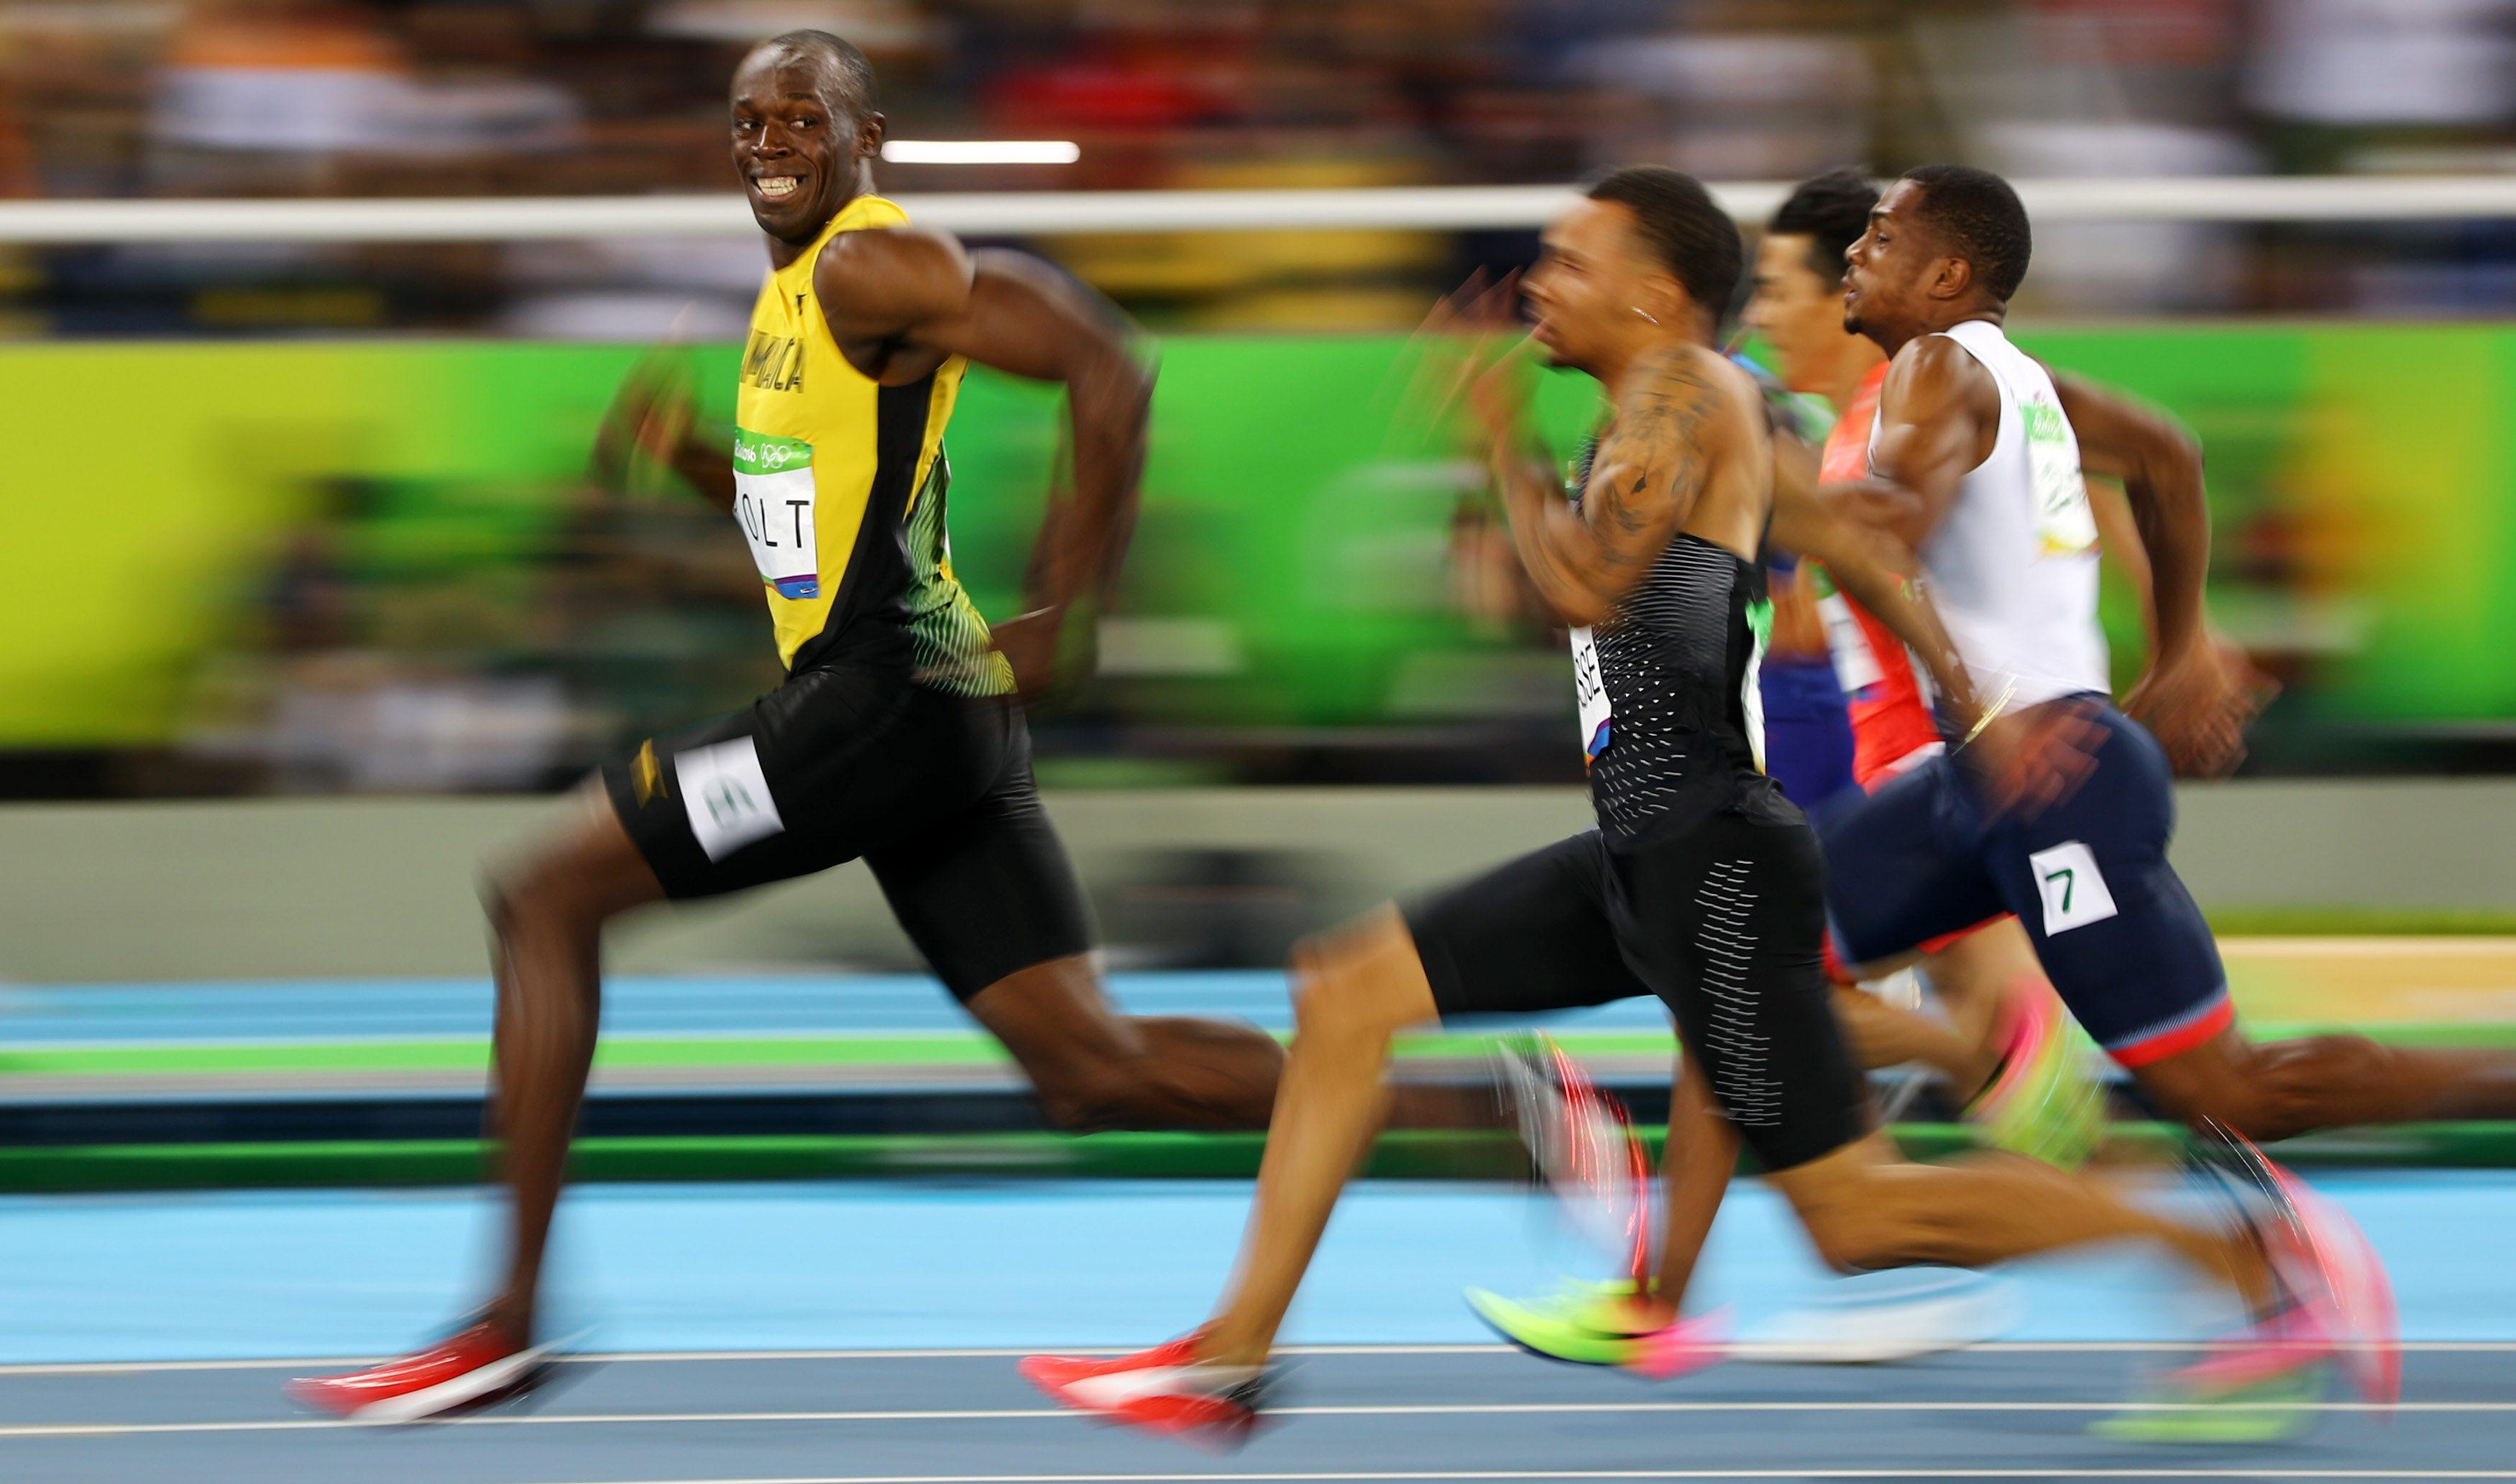 Usain Bolt winning the men's 100m semifinal